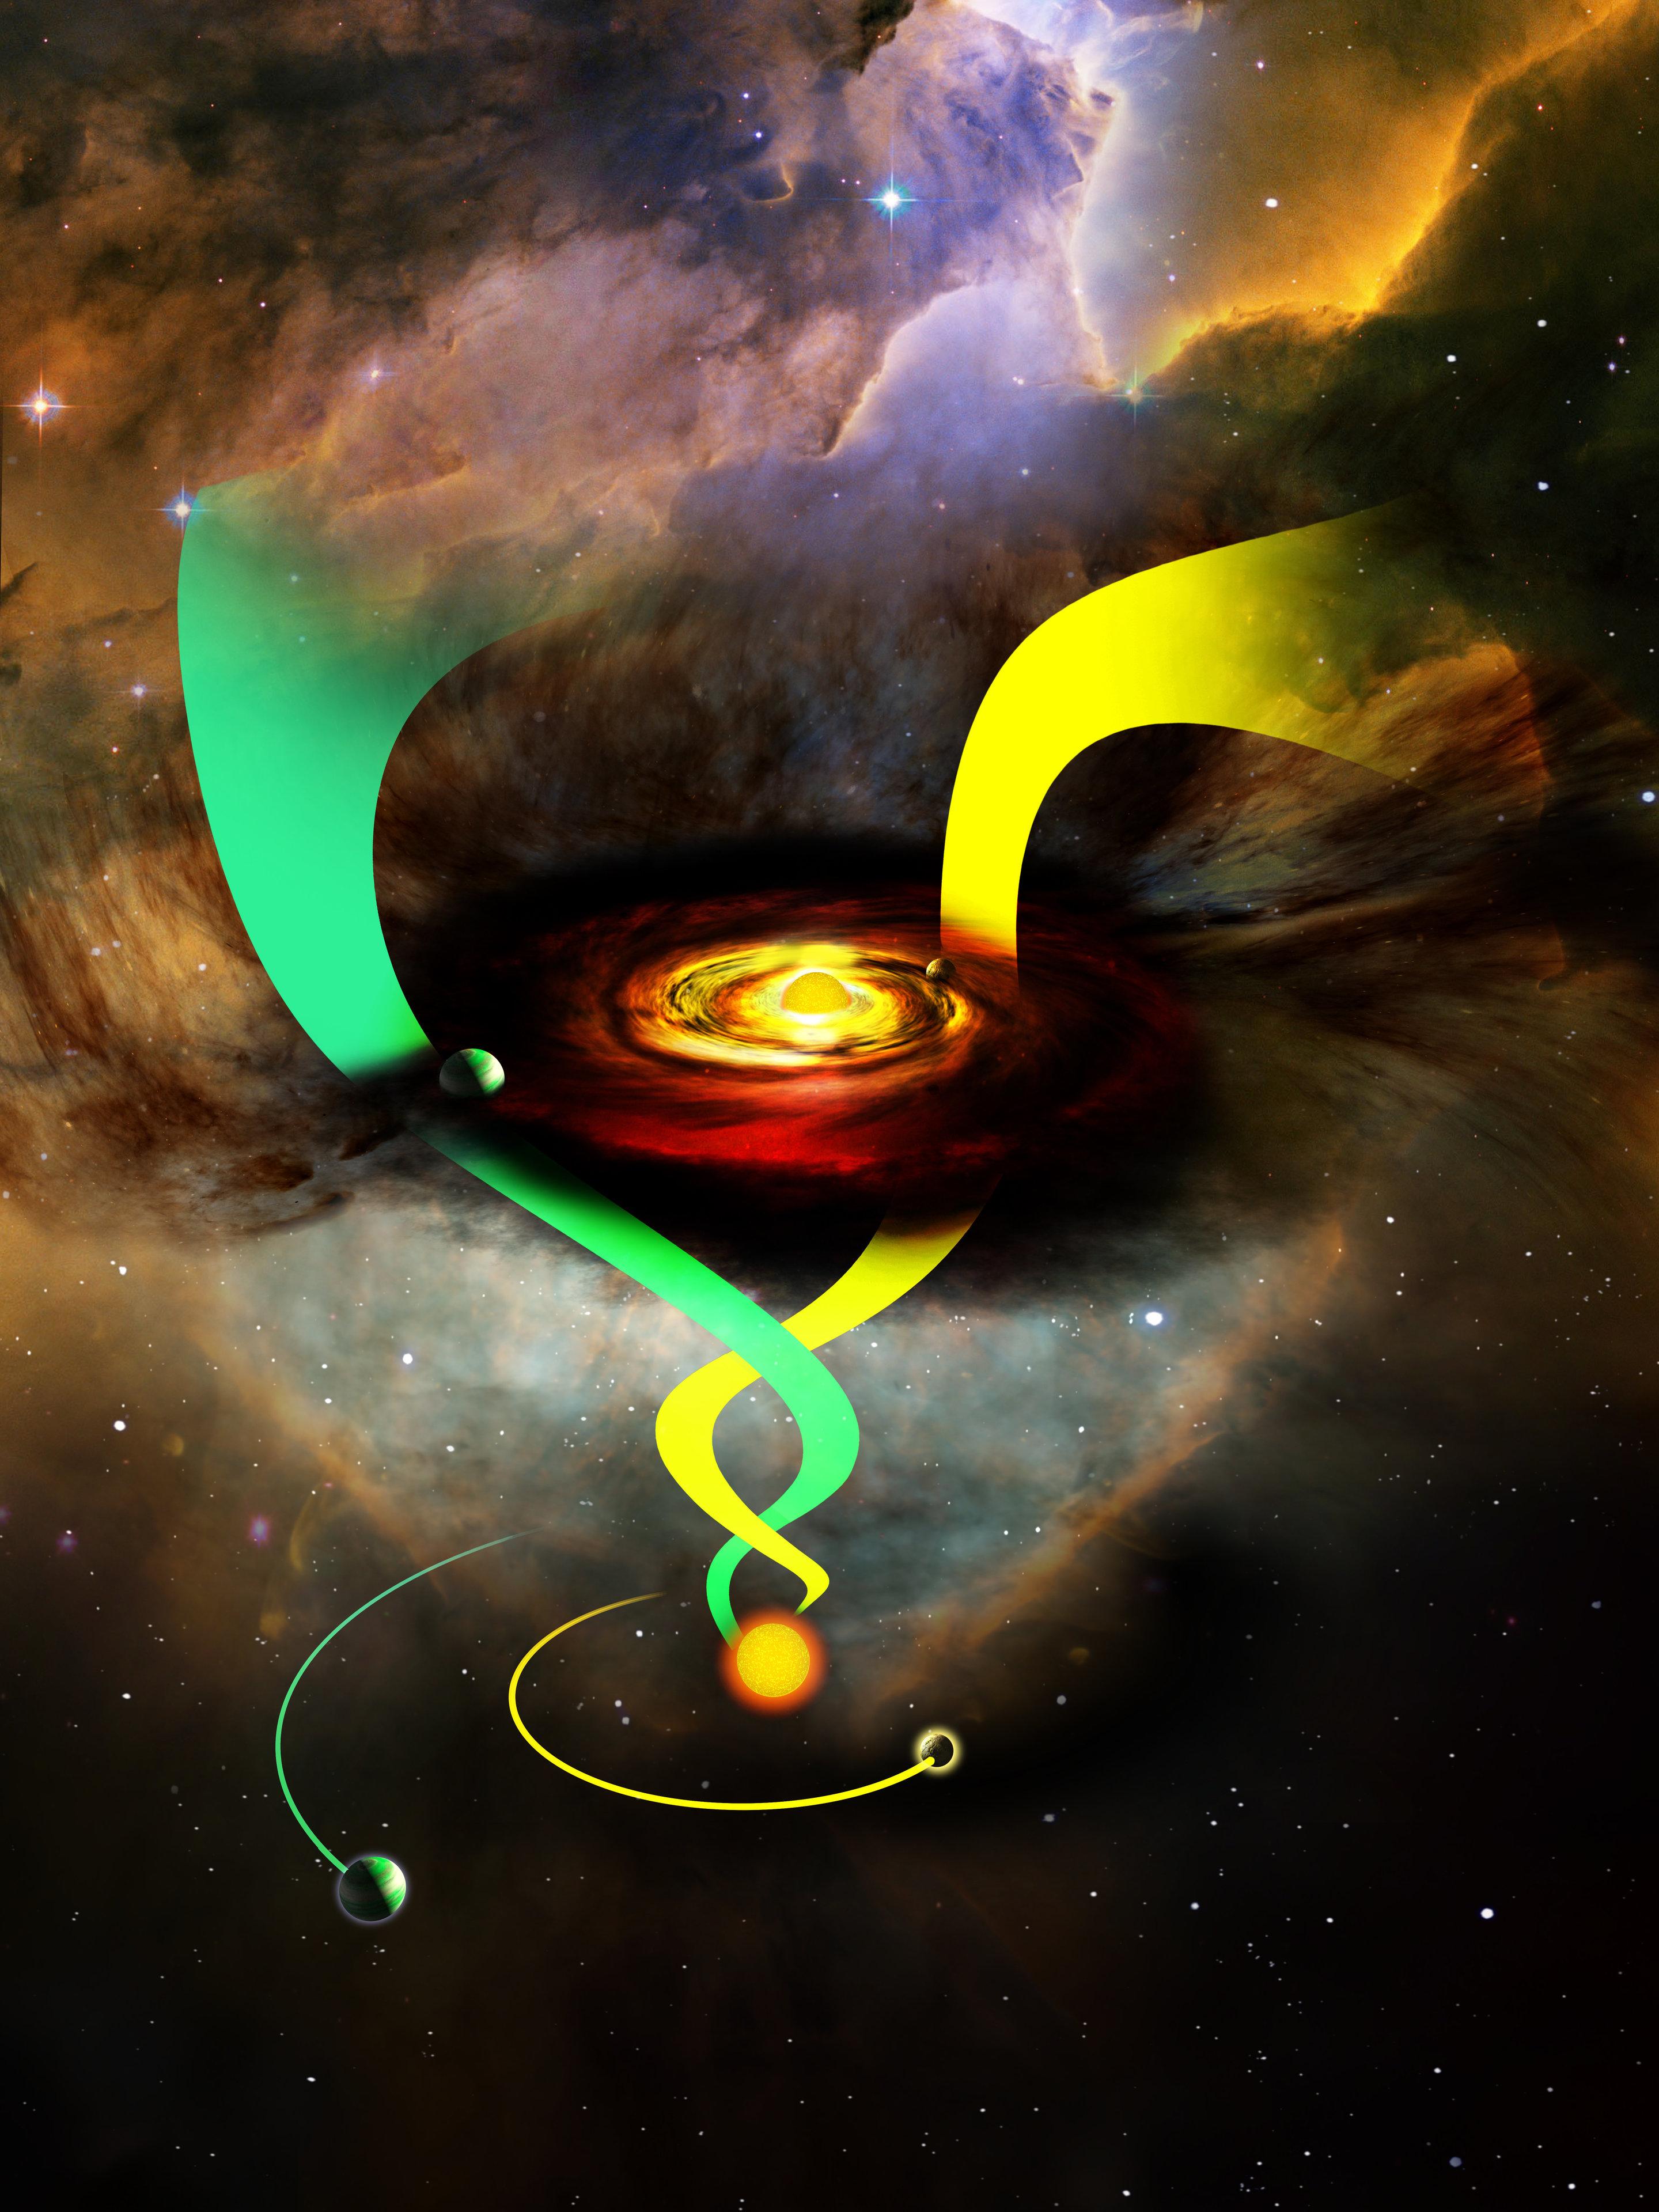 Rappresentazione artistica di influenza stellare sulle orbite. Credit SDSS collaboration